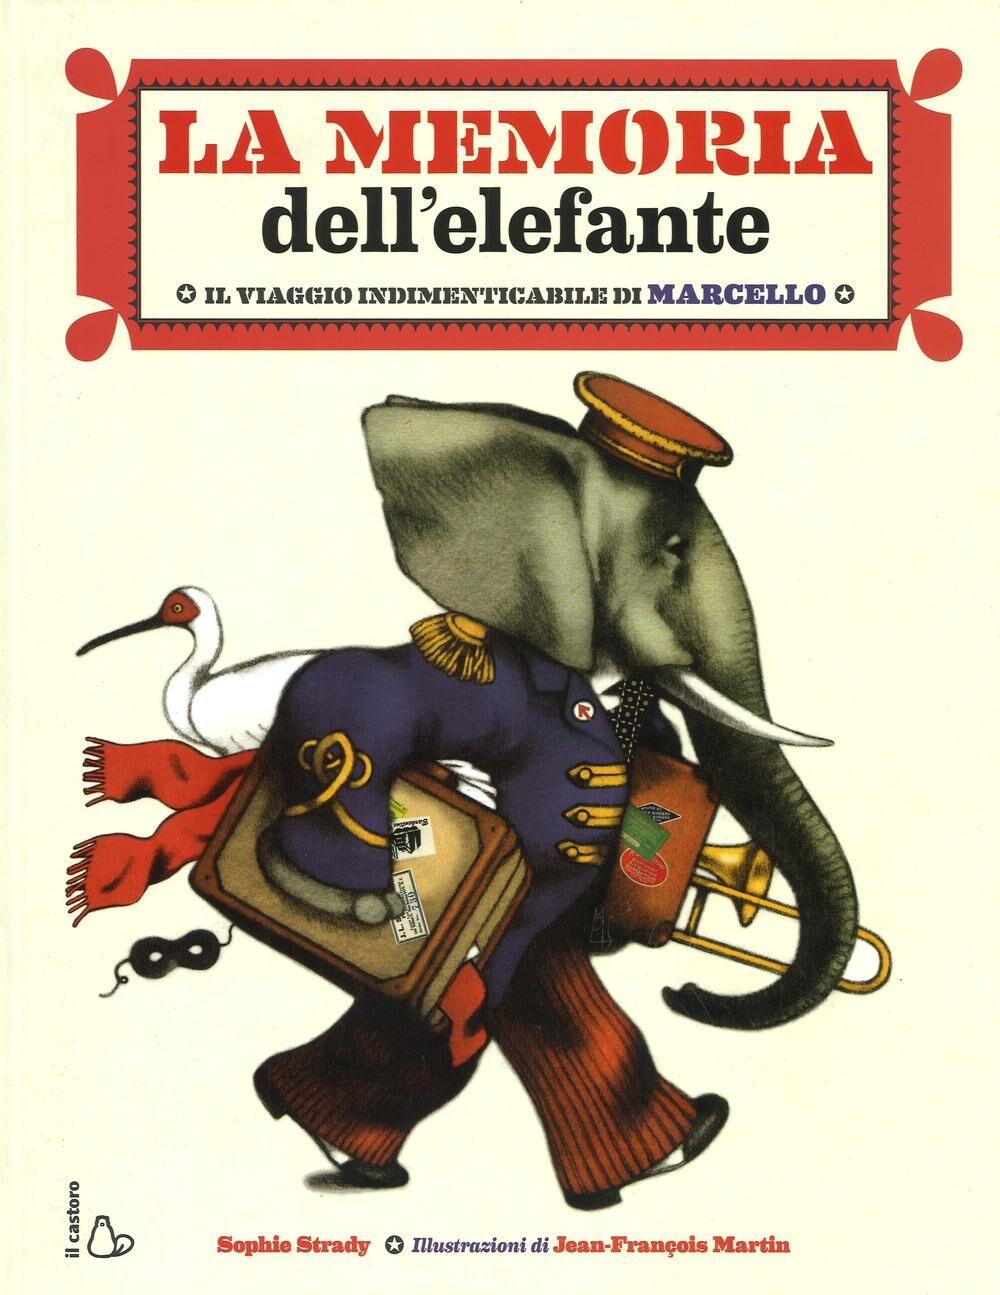 La memoria dell'elefante. Il viaggio indimenticabile di Marcello